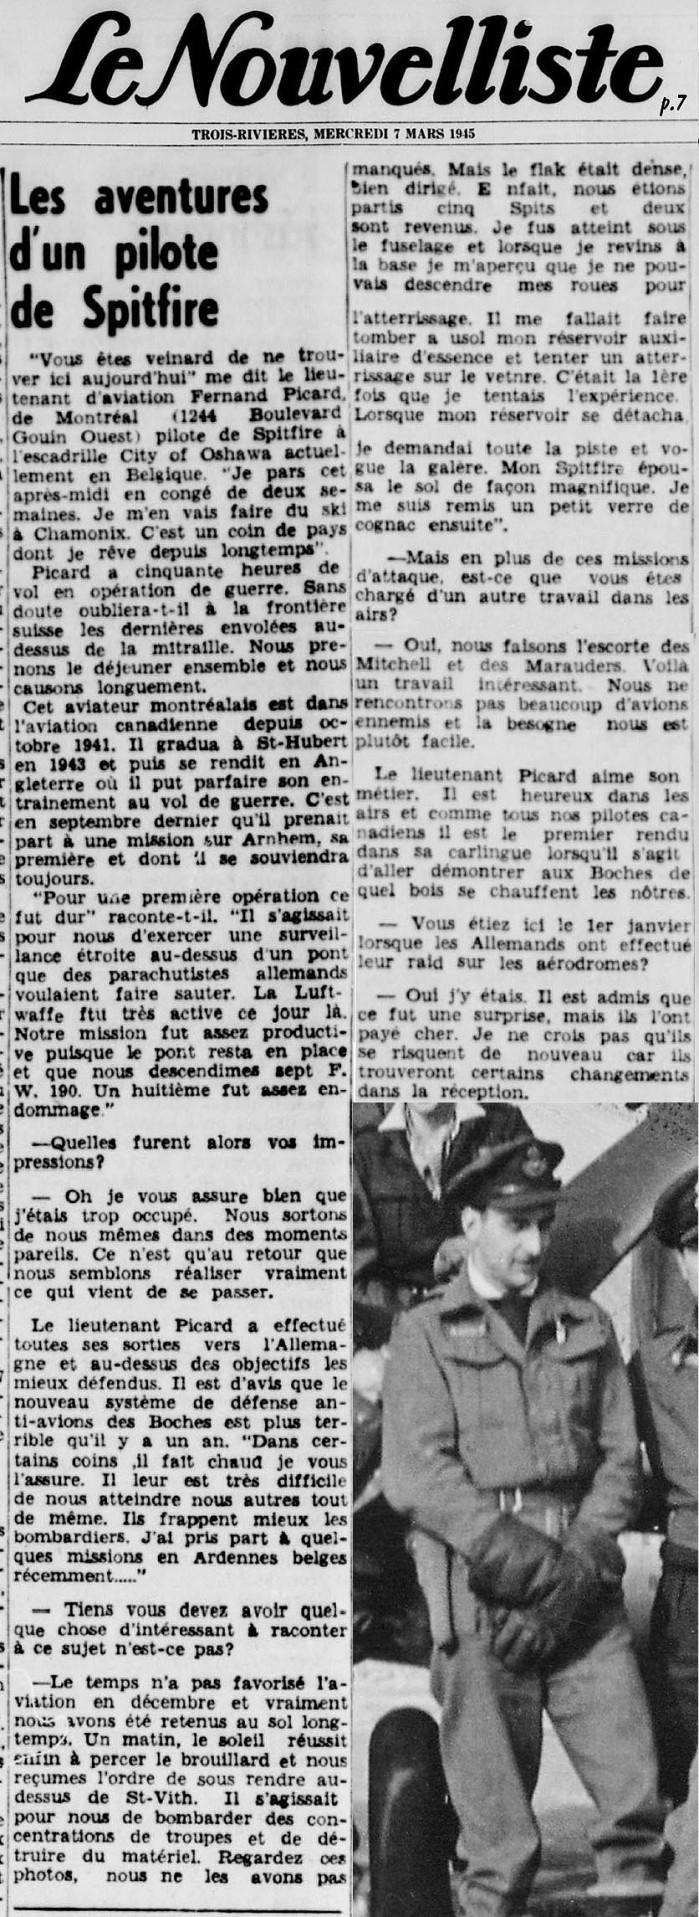 Le Nouvelliste 1945-03-07_07b